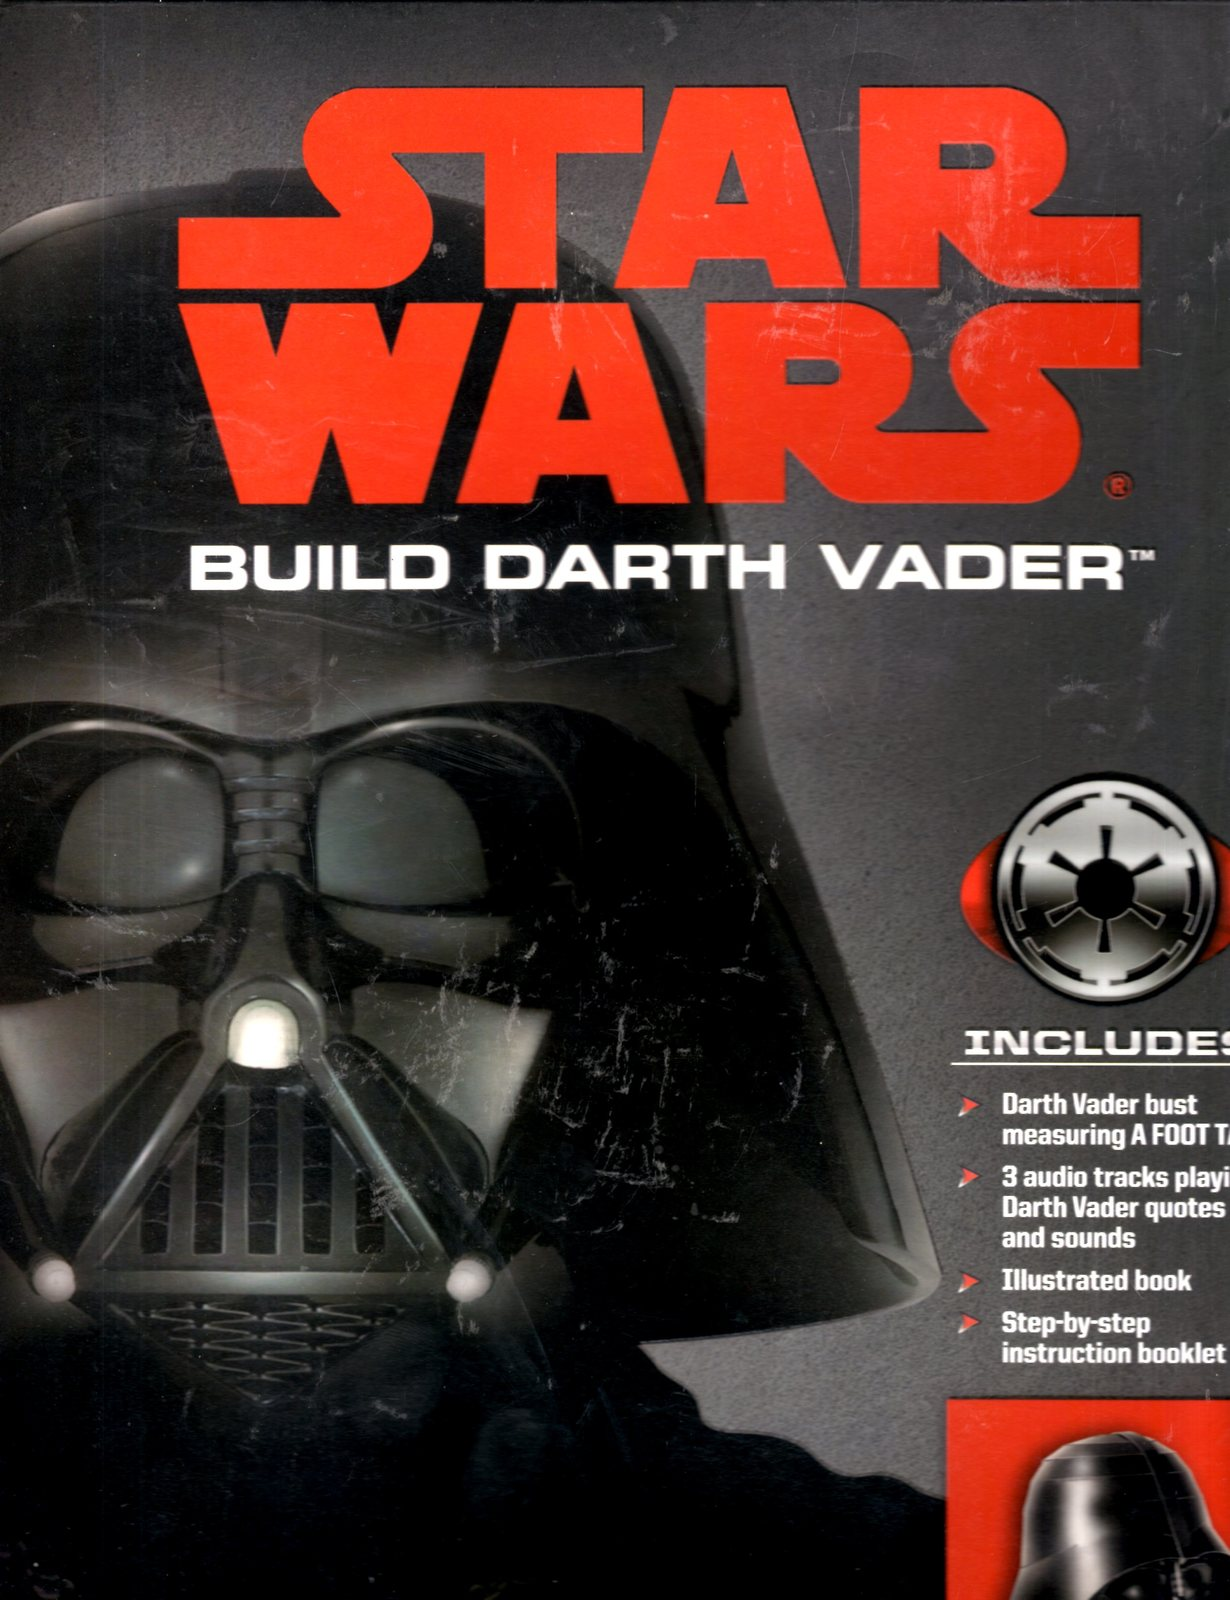 Star Wars - Build Darth Vader